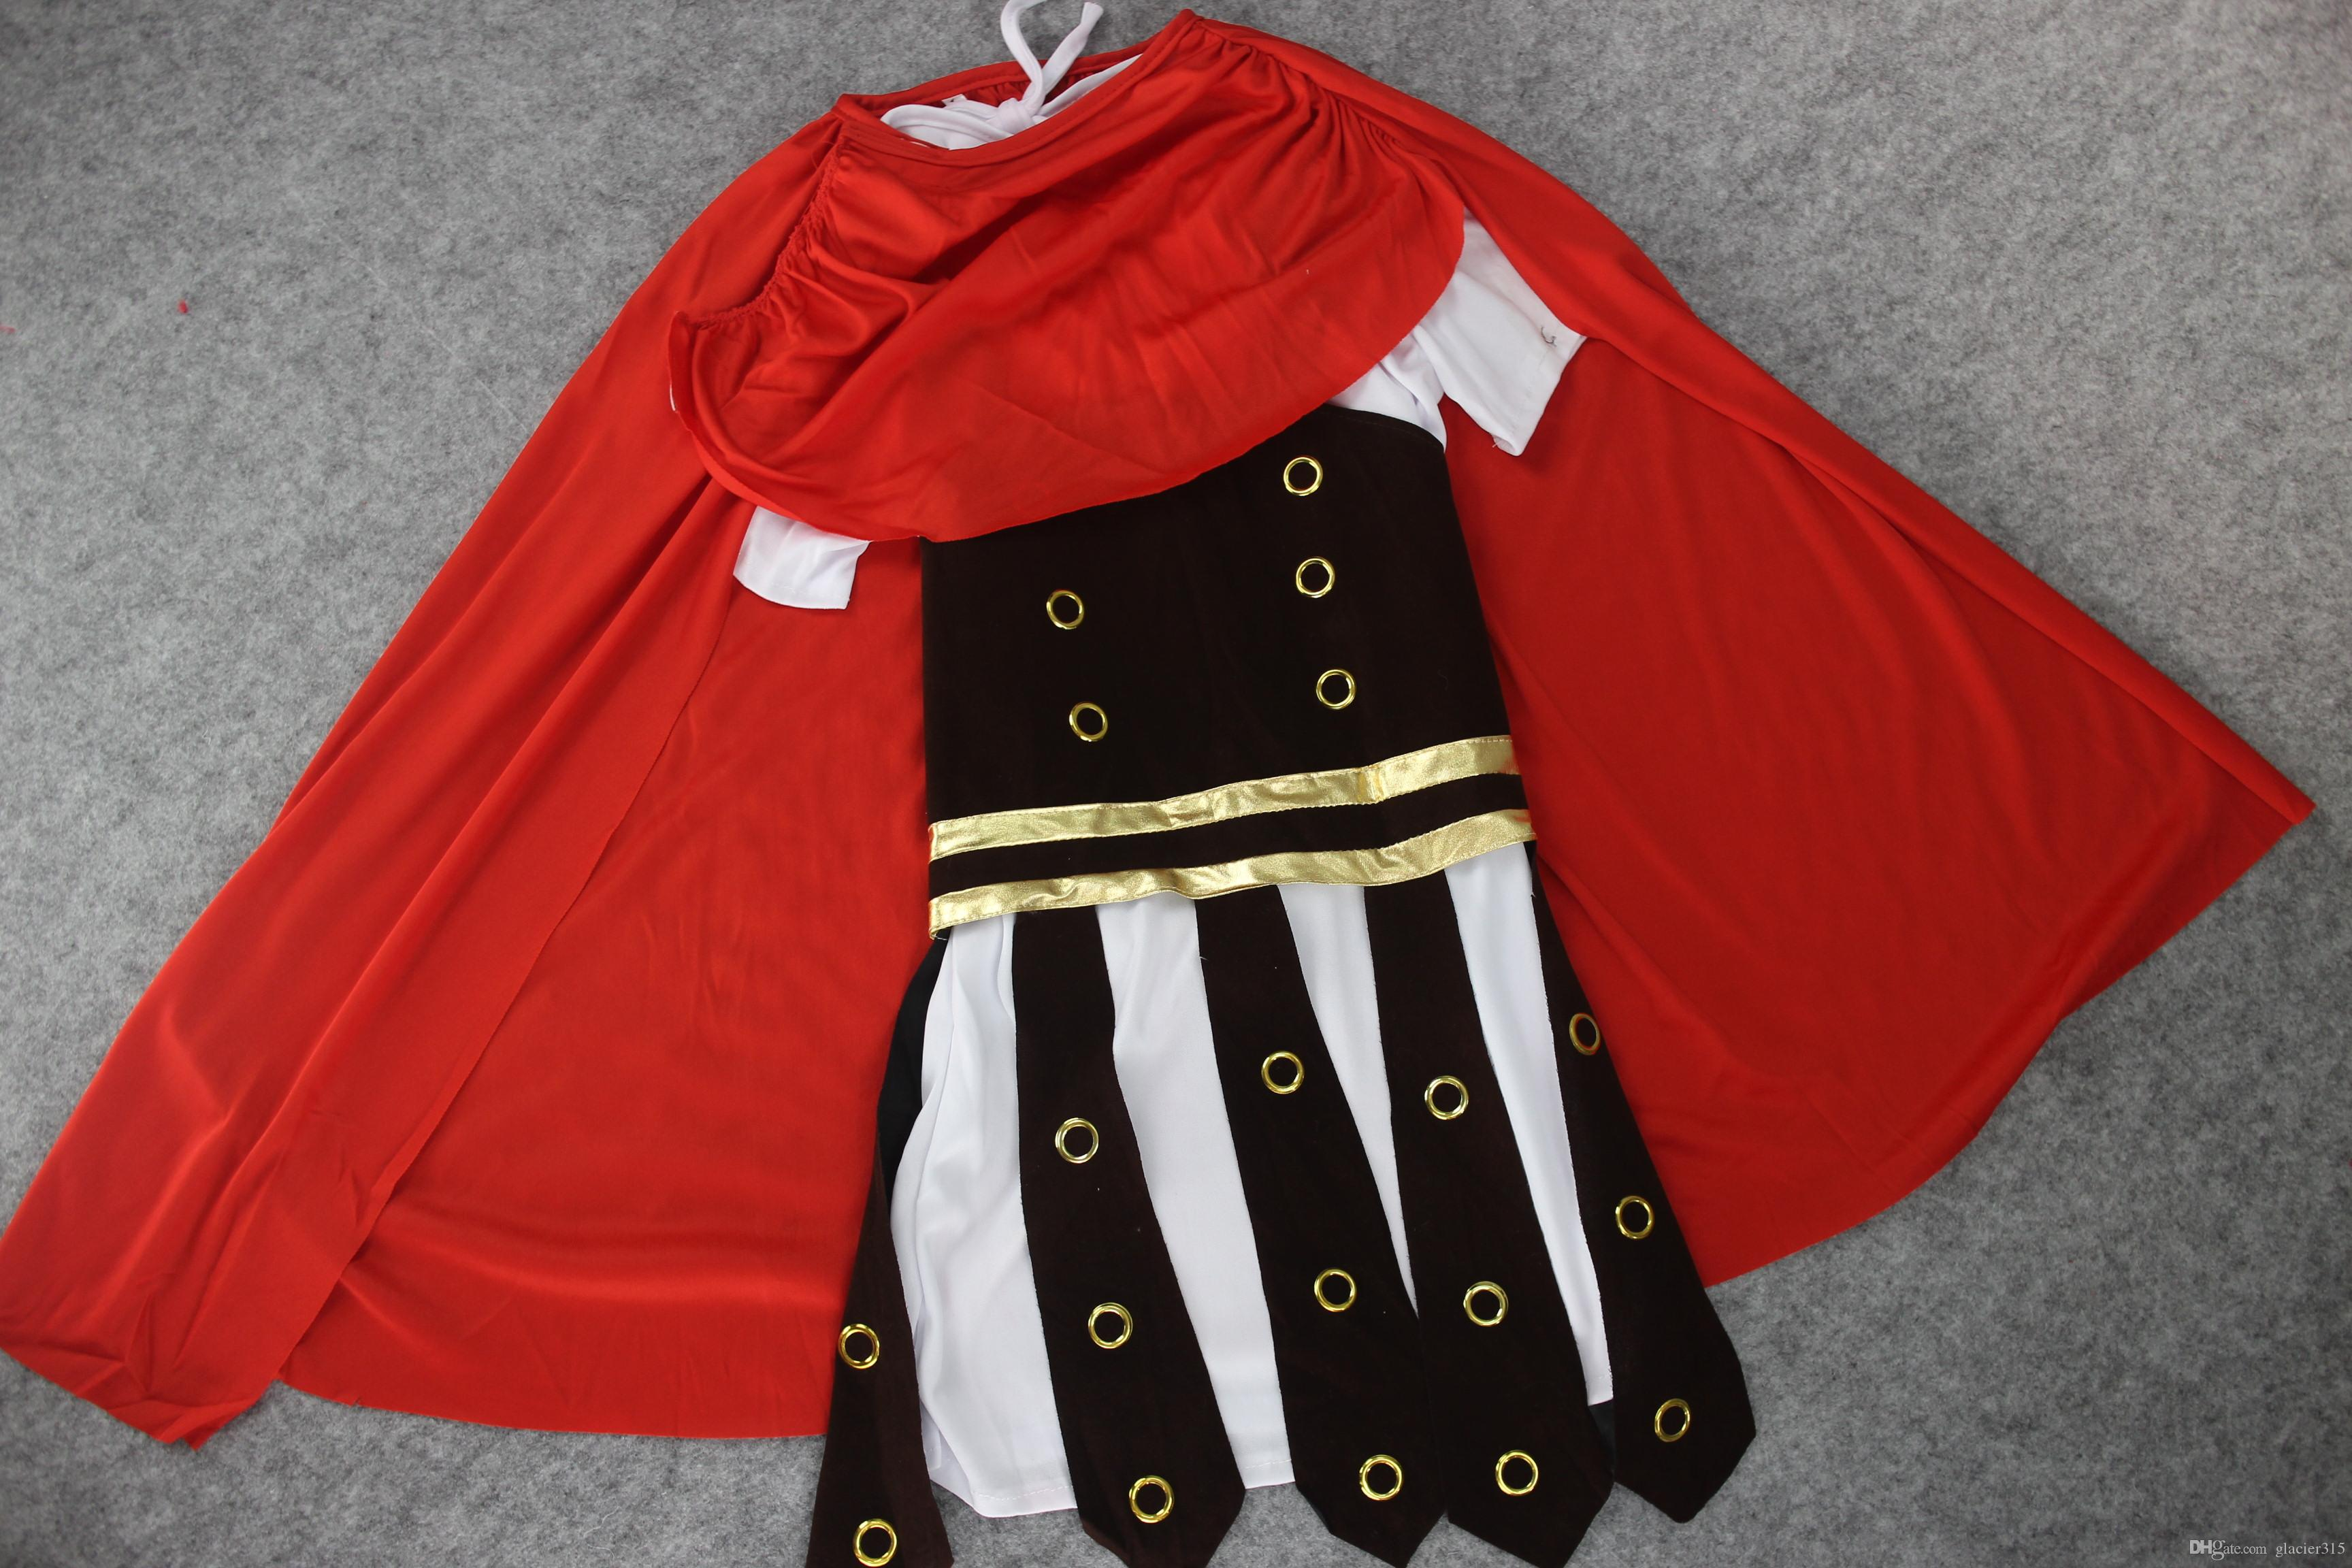 Disfraces de roma antigua para niños disfraz de cosplay guerrero romano niños trajes de soldado romano para niños ropa de cosplay de halloween